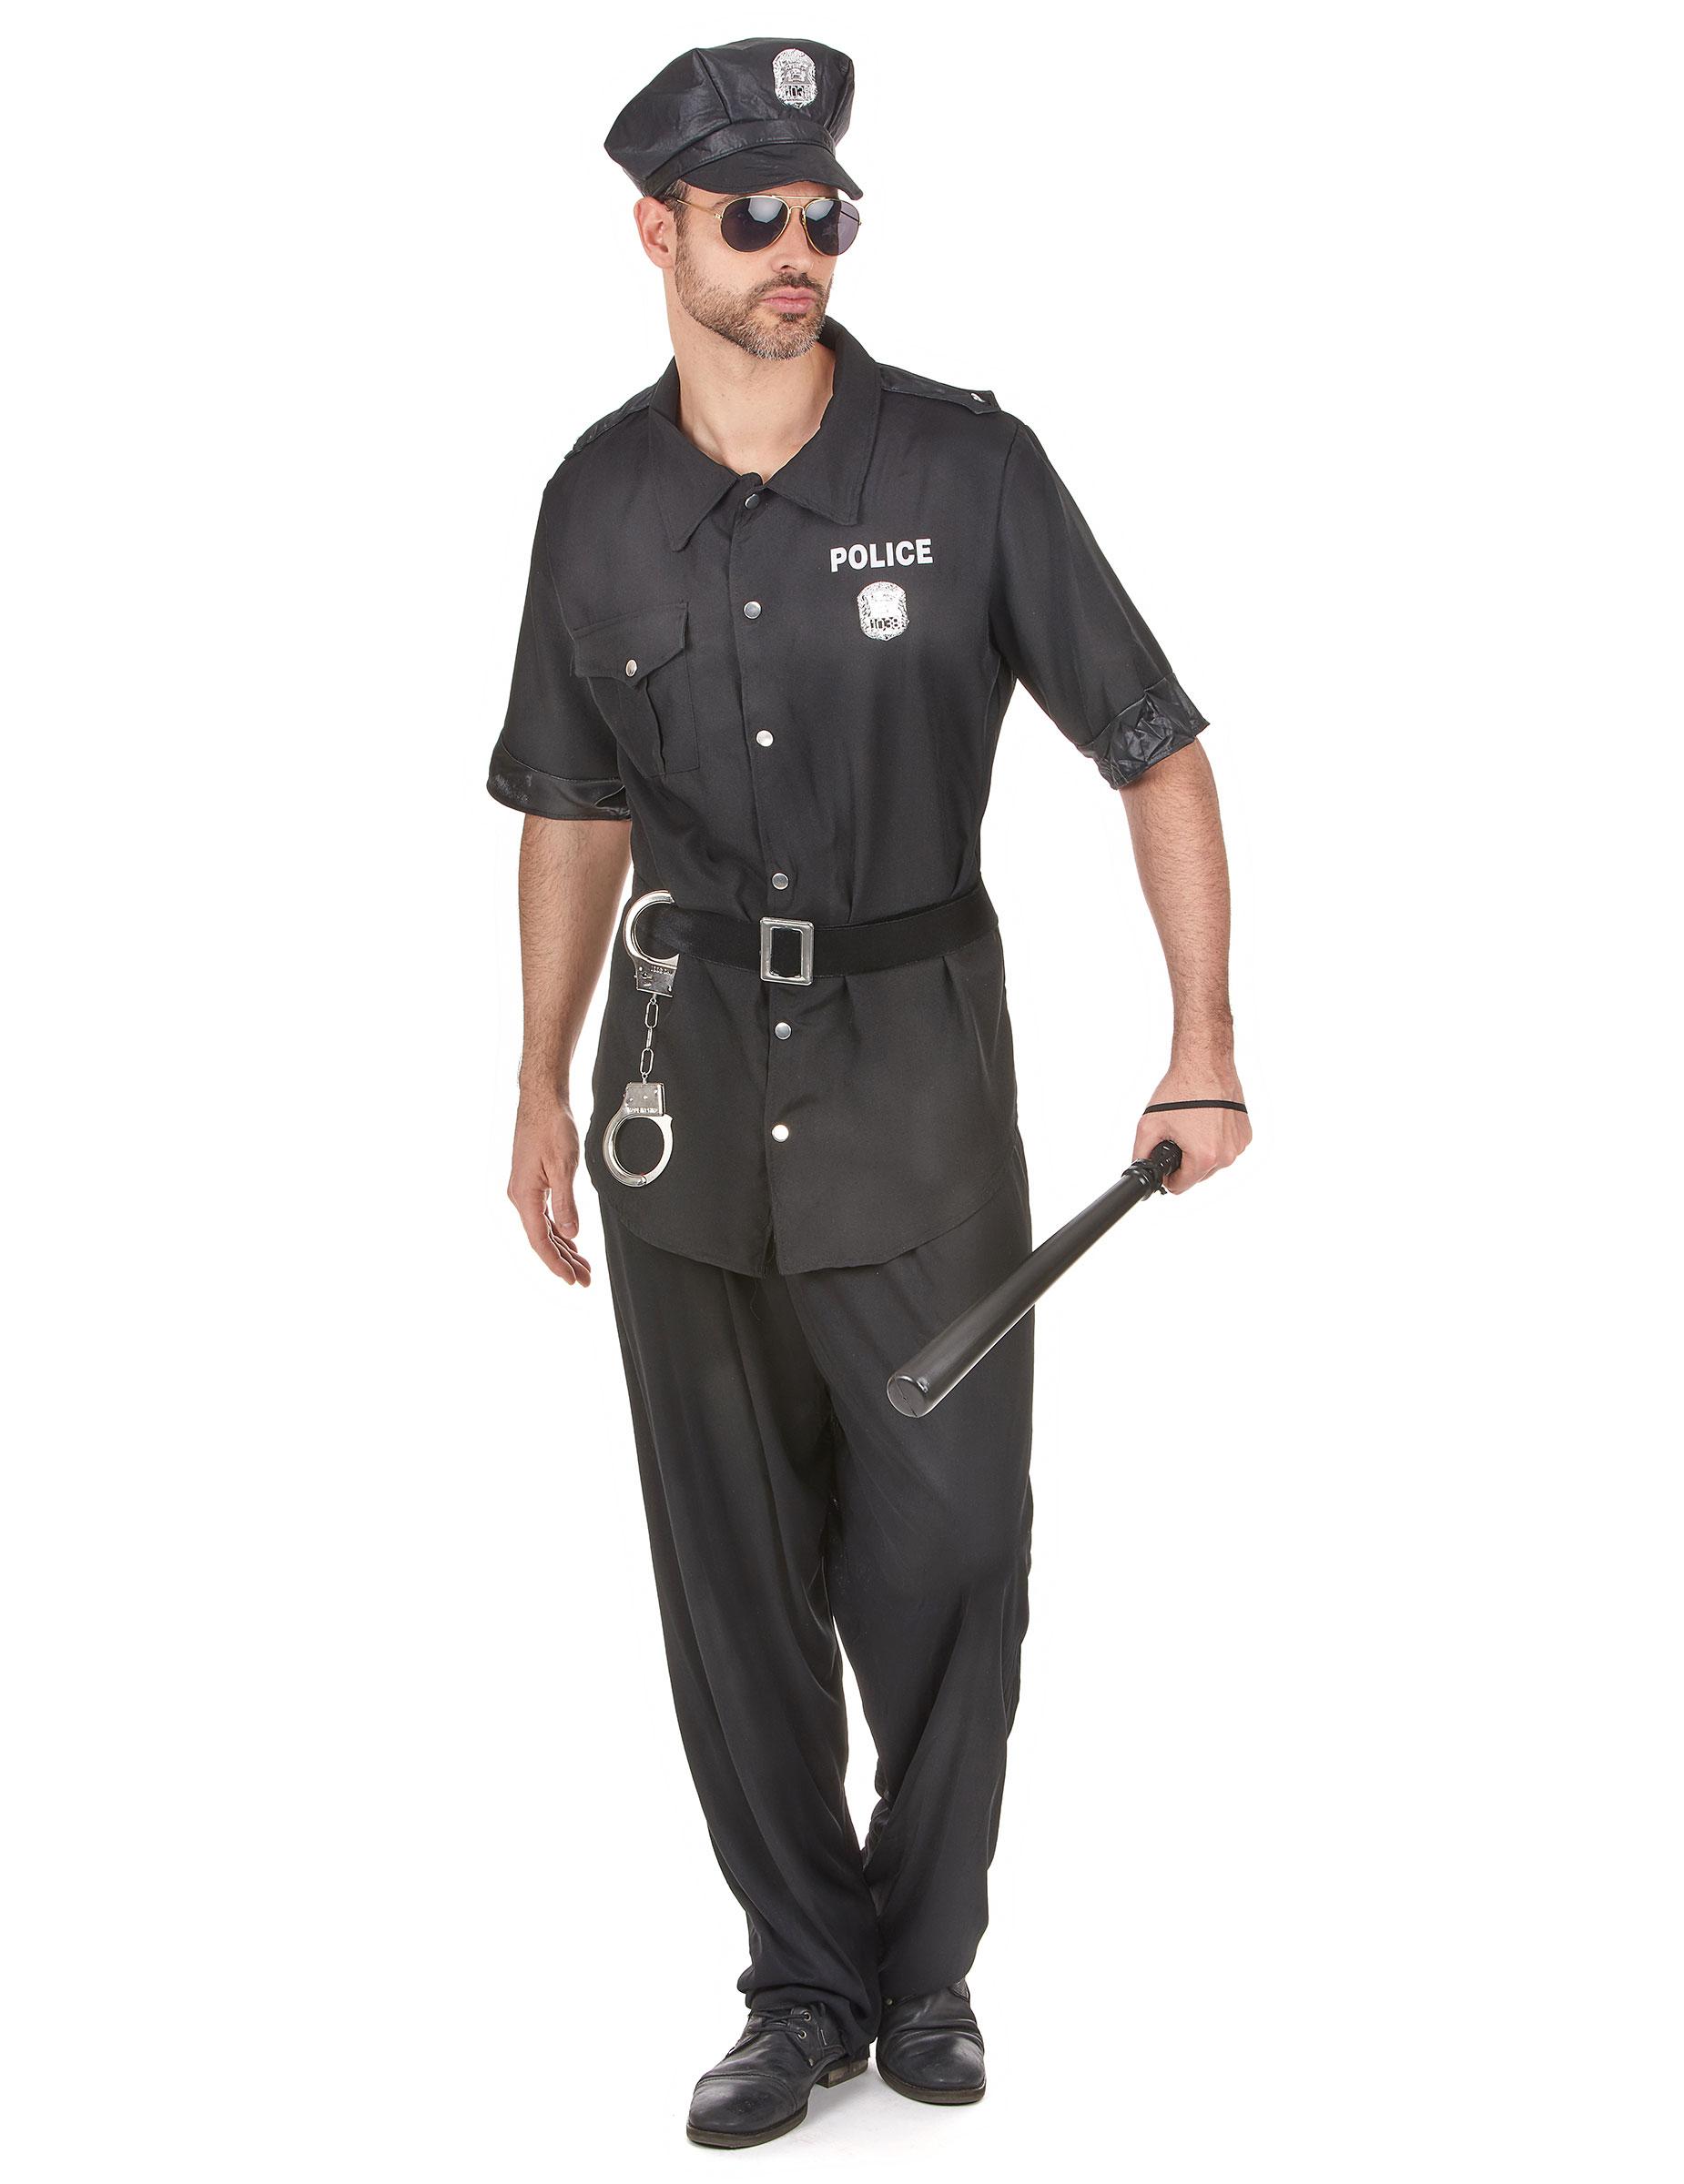 Déguisements adultes Sexy Homme, vente de costumes homme   femme pas ... e4672a5eac38